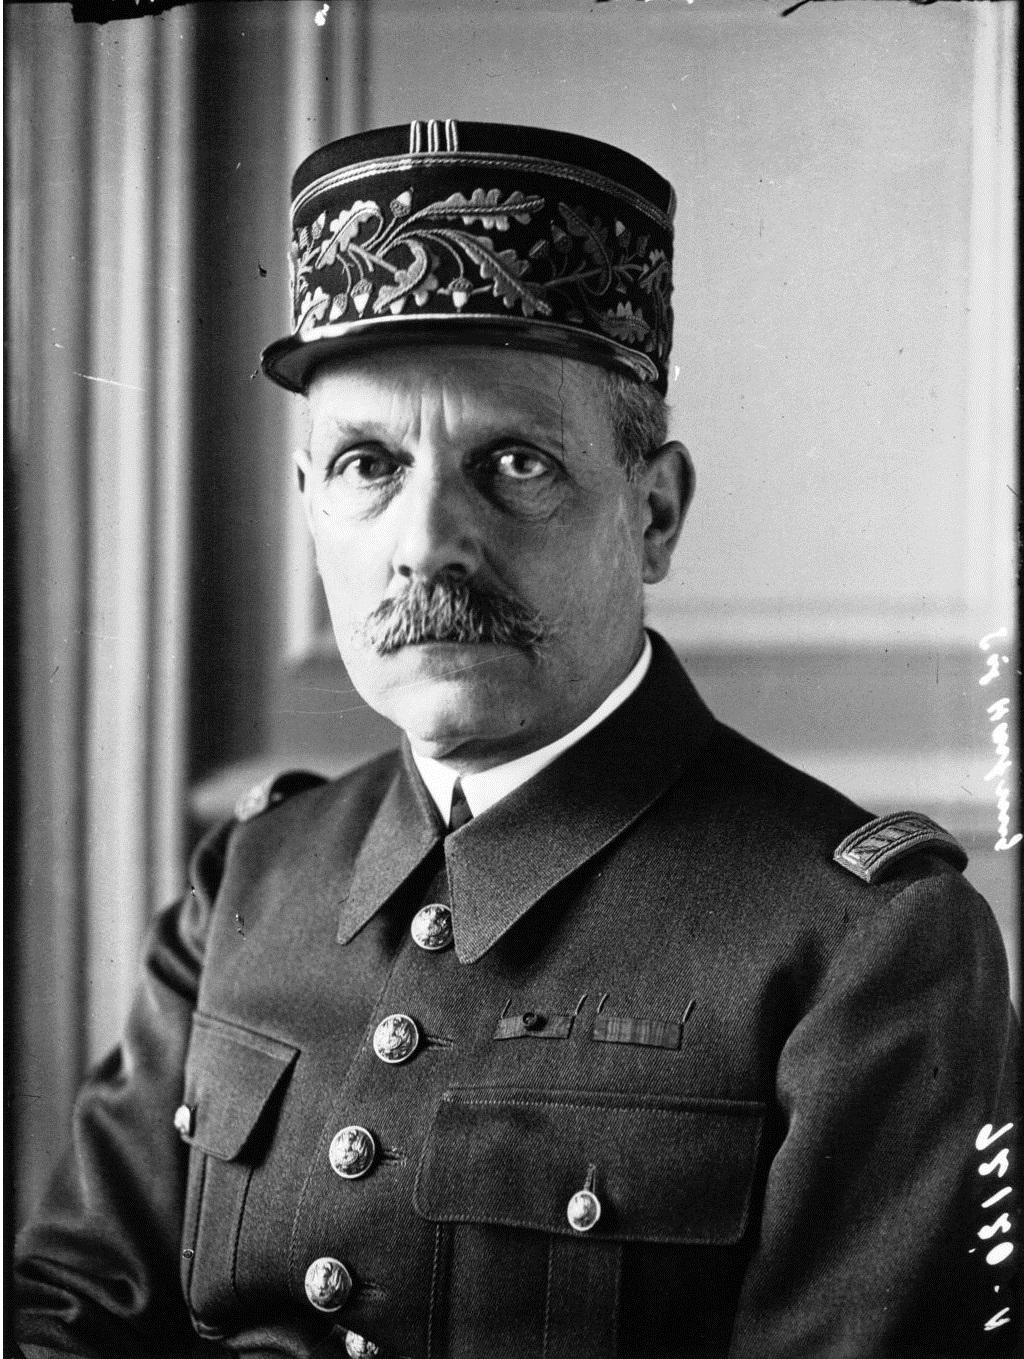 Général Hartung Gzonz706